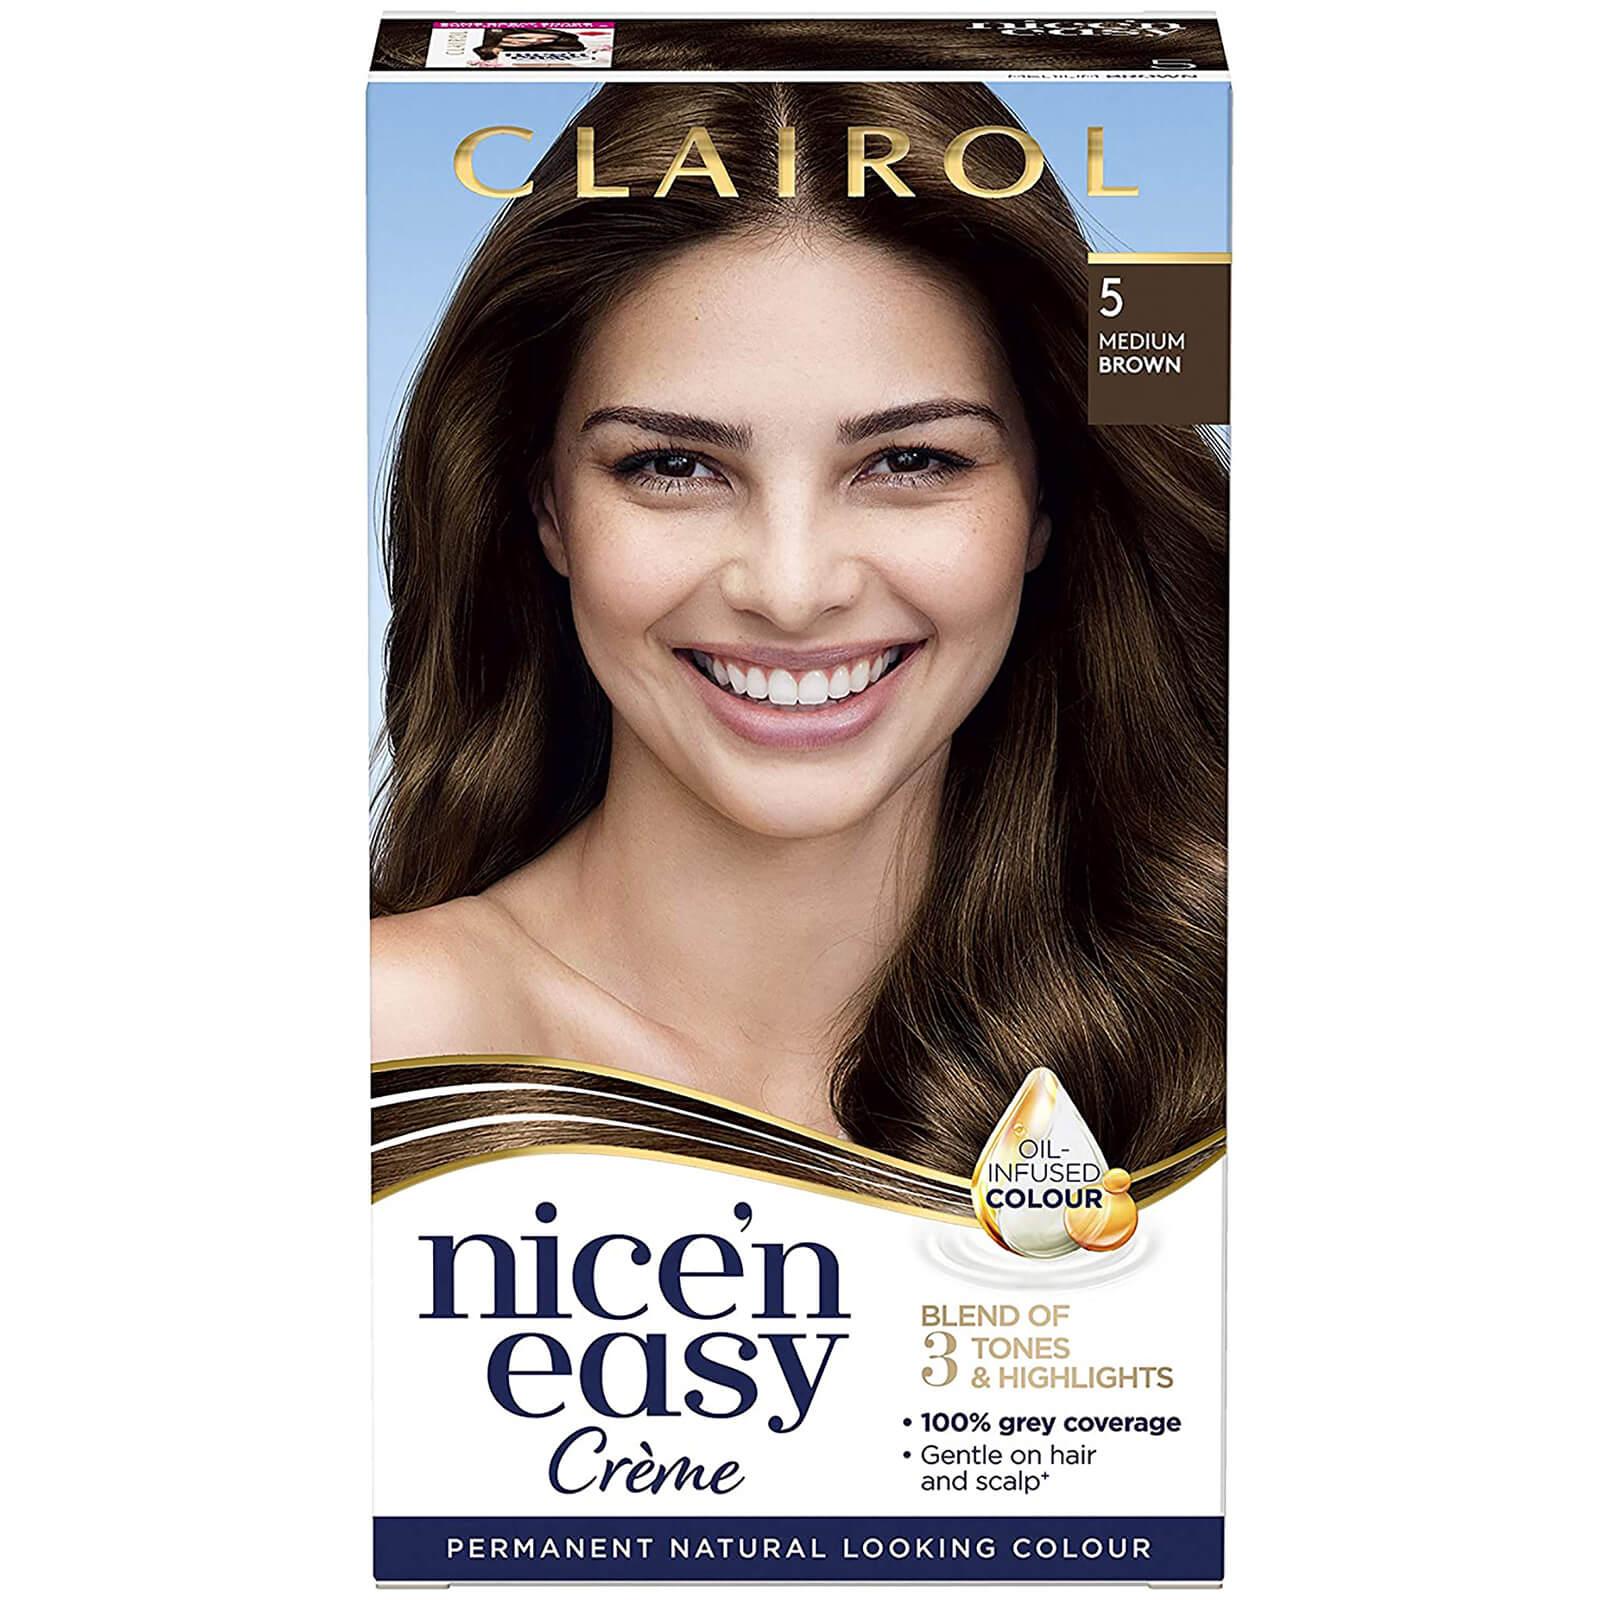 Clairol Nice' n Easy Crème Natural Looking Oil Infused Permanent Hair Dye 177ml (Various Shades) - 5 Medium Brown